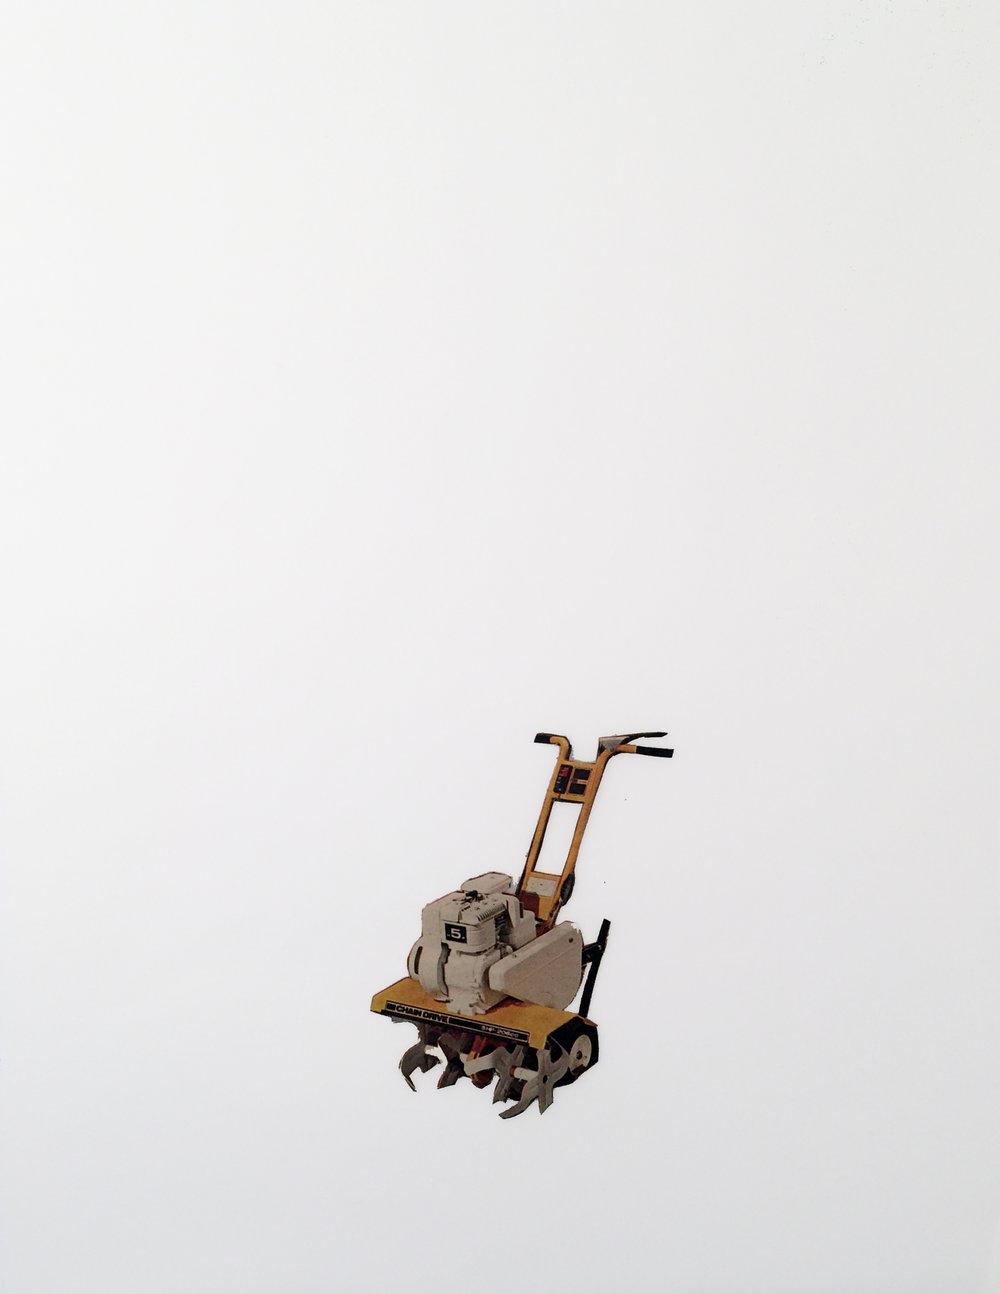 CATALOGUE - Reddimaid ADJUST - rototiller WHT.jpg